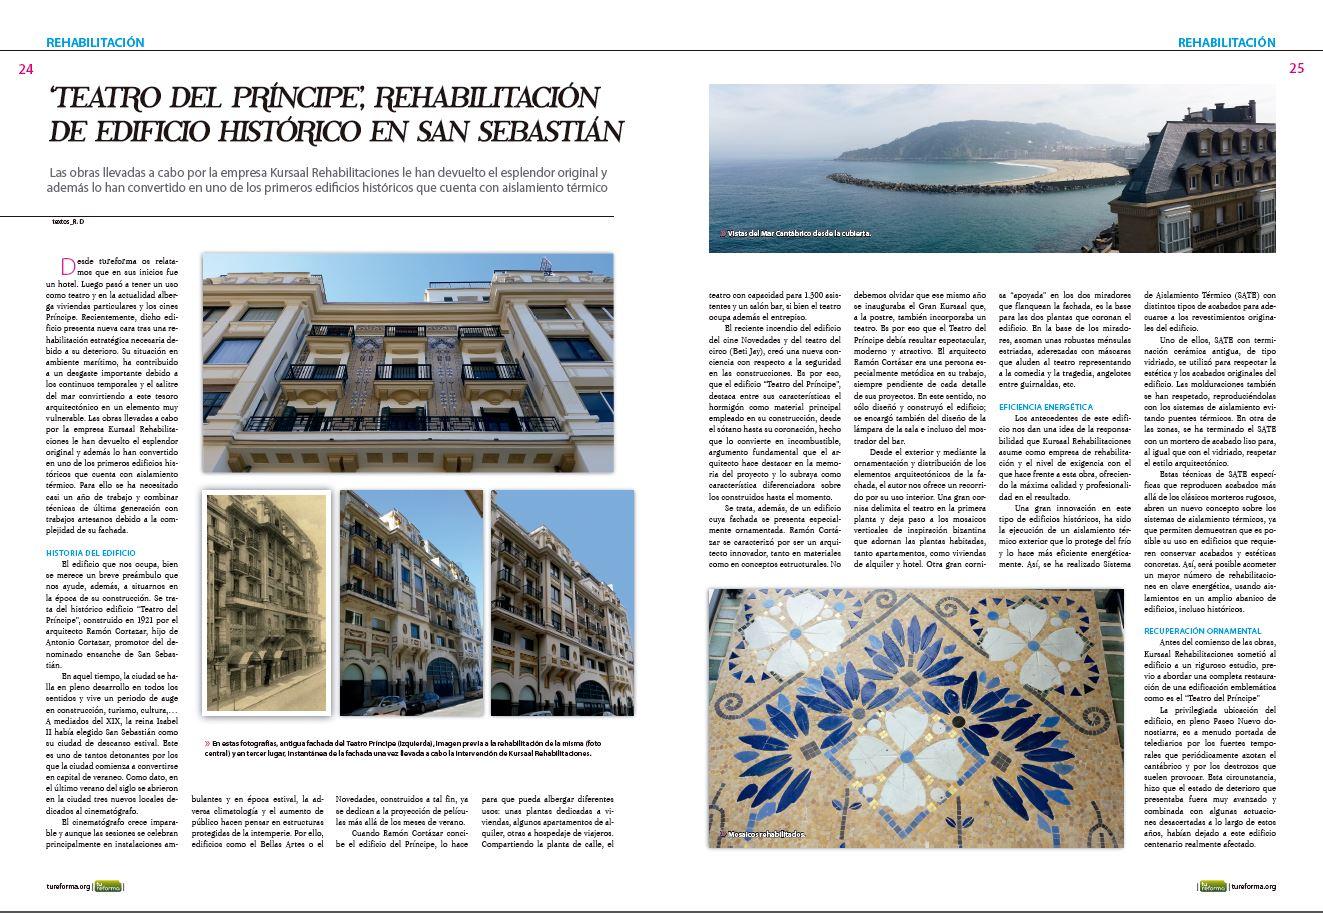 foto noticia: Artículo en revista Tu Reforma sobre la Rehabilitación del edificio El Príncipe realizada por Kursaal Rehabilitaciones.